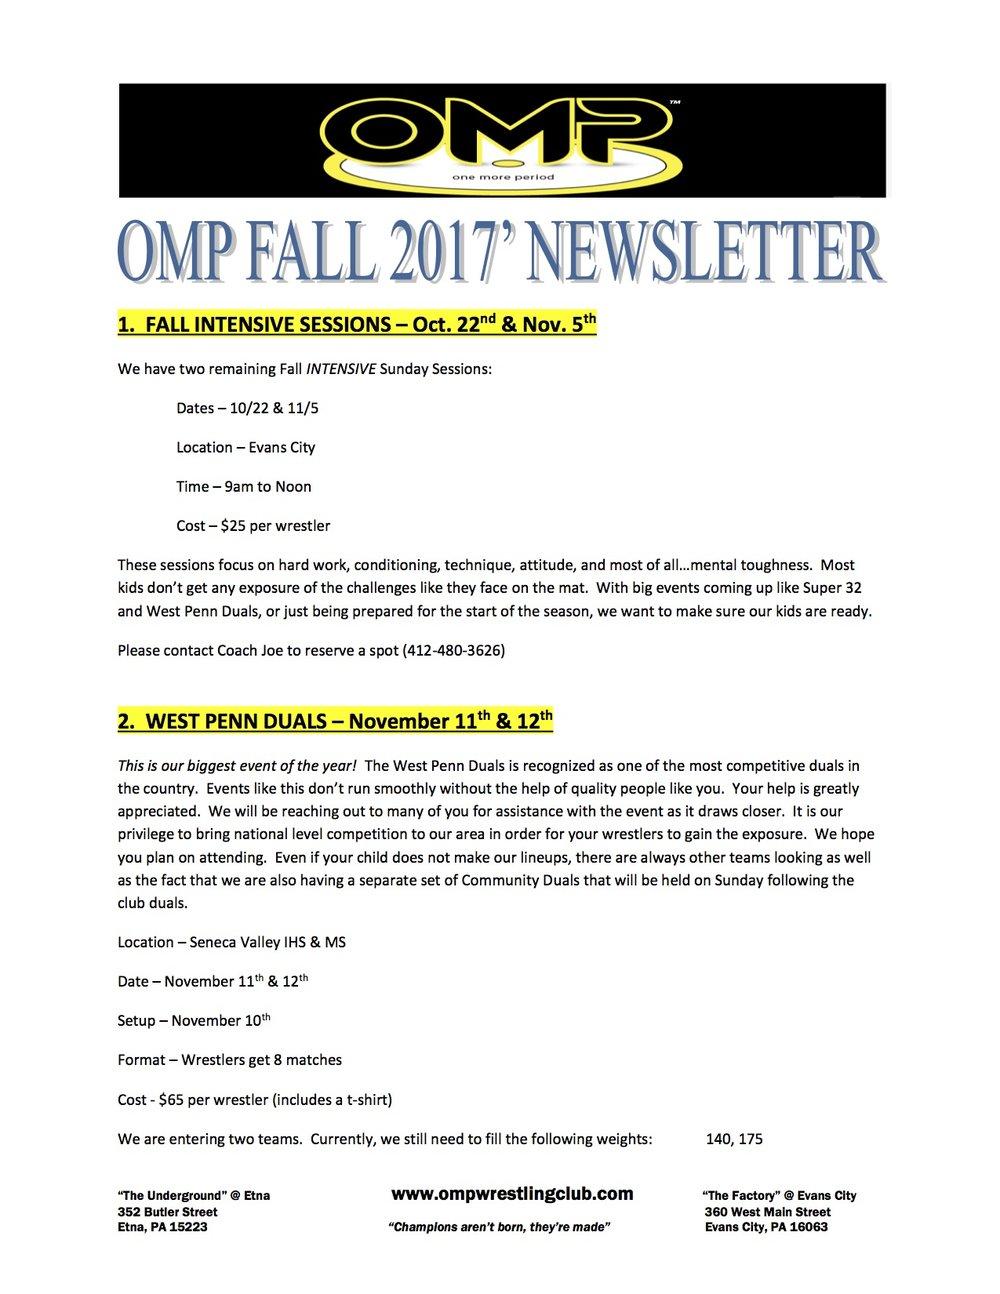 Fall 2017 Newsletter.jpg